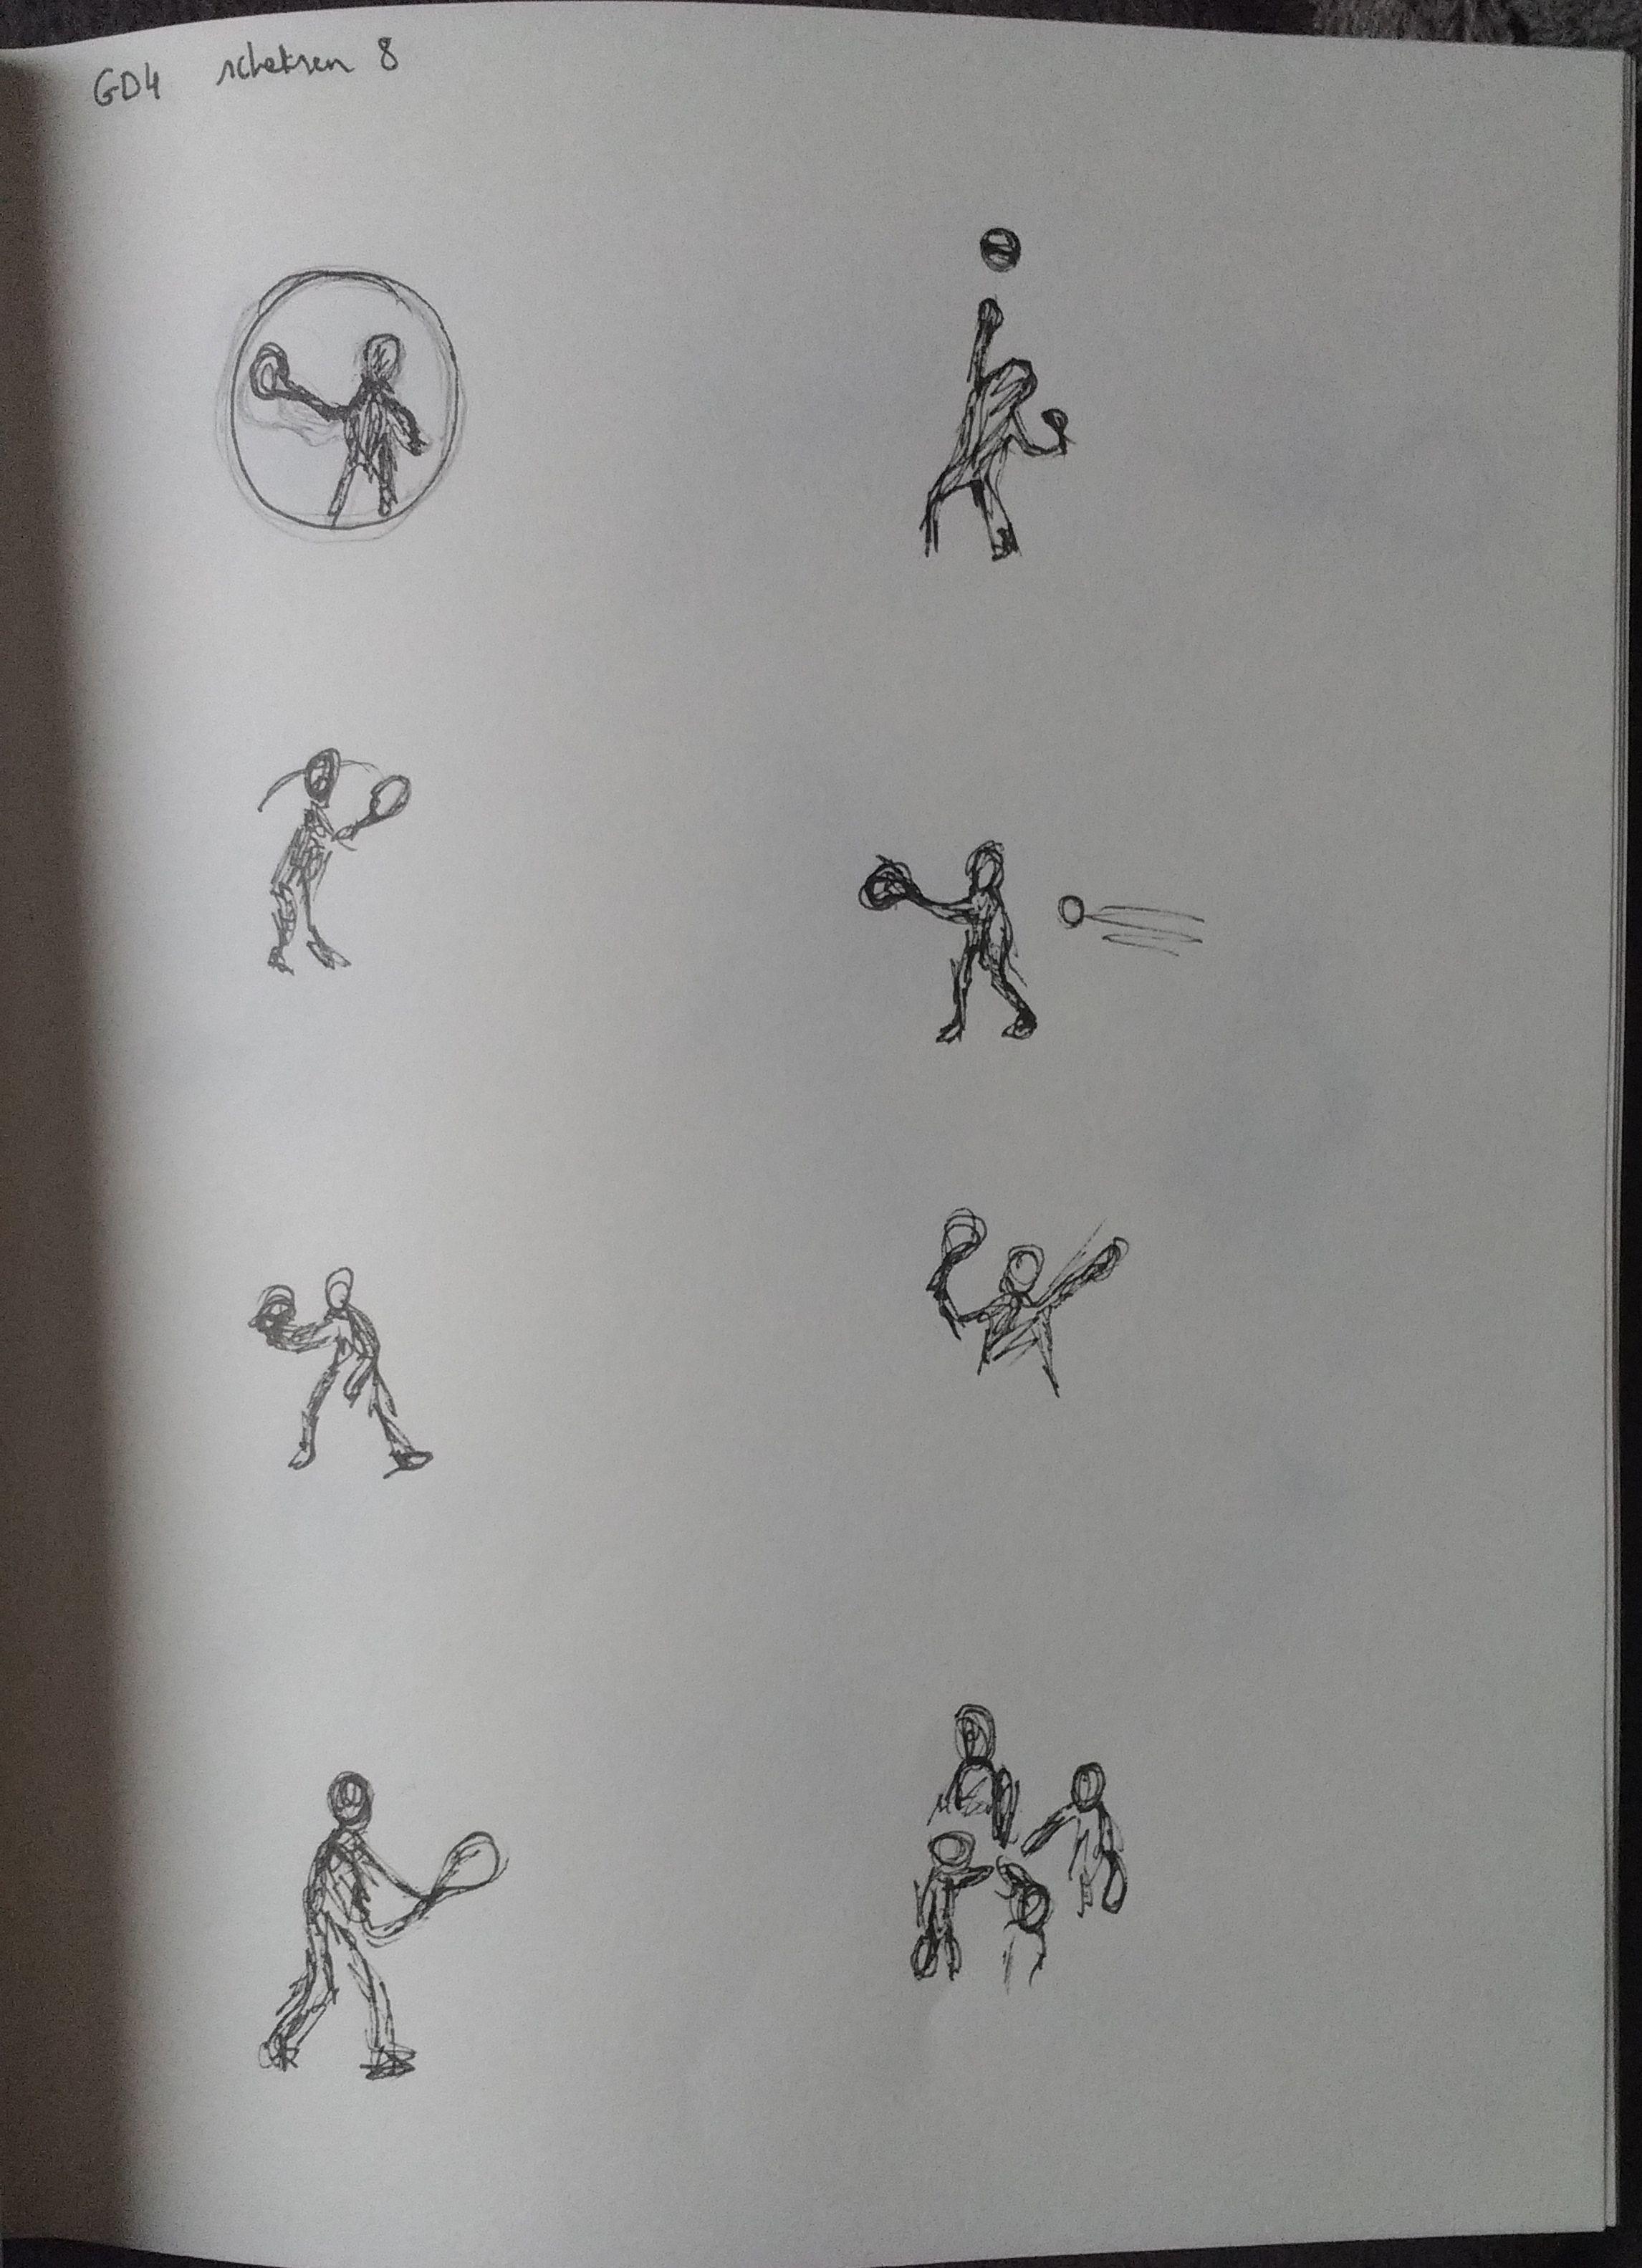 Schetsen 8 (tennishouding bestuderen)